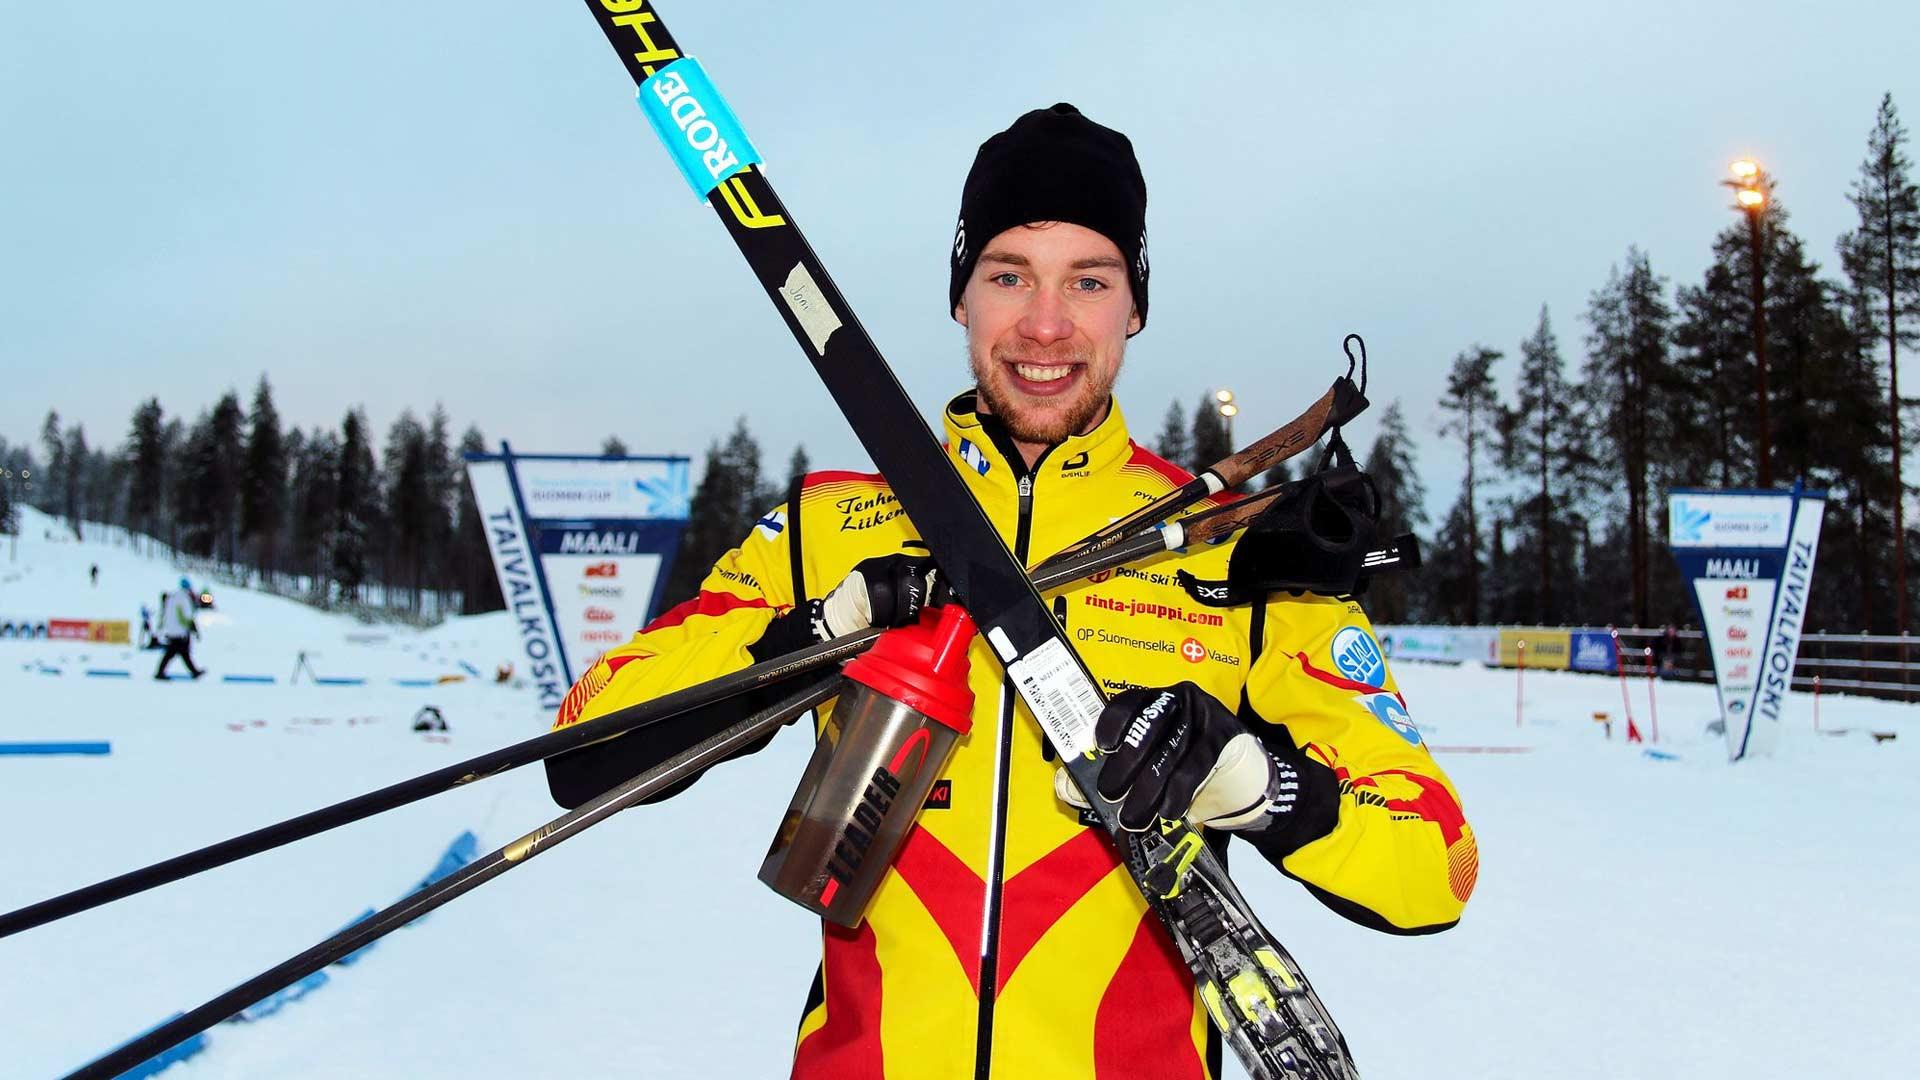 Iloisella ja itsevarmalla ilmeellä. Joni Mäki voitti 15 kilometrin kisan Suomen Cupissa Taivalkoskella marraskuussa 2020.